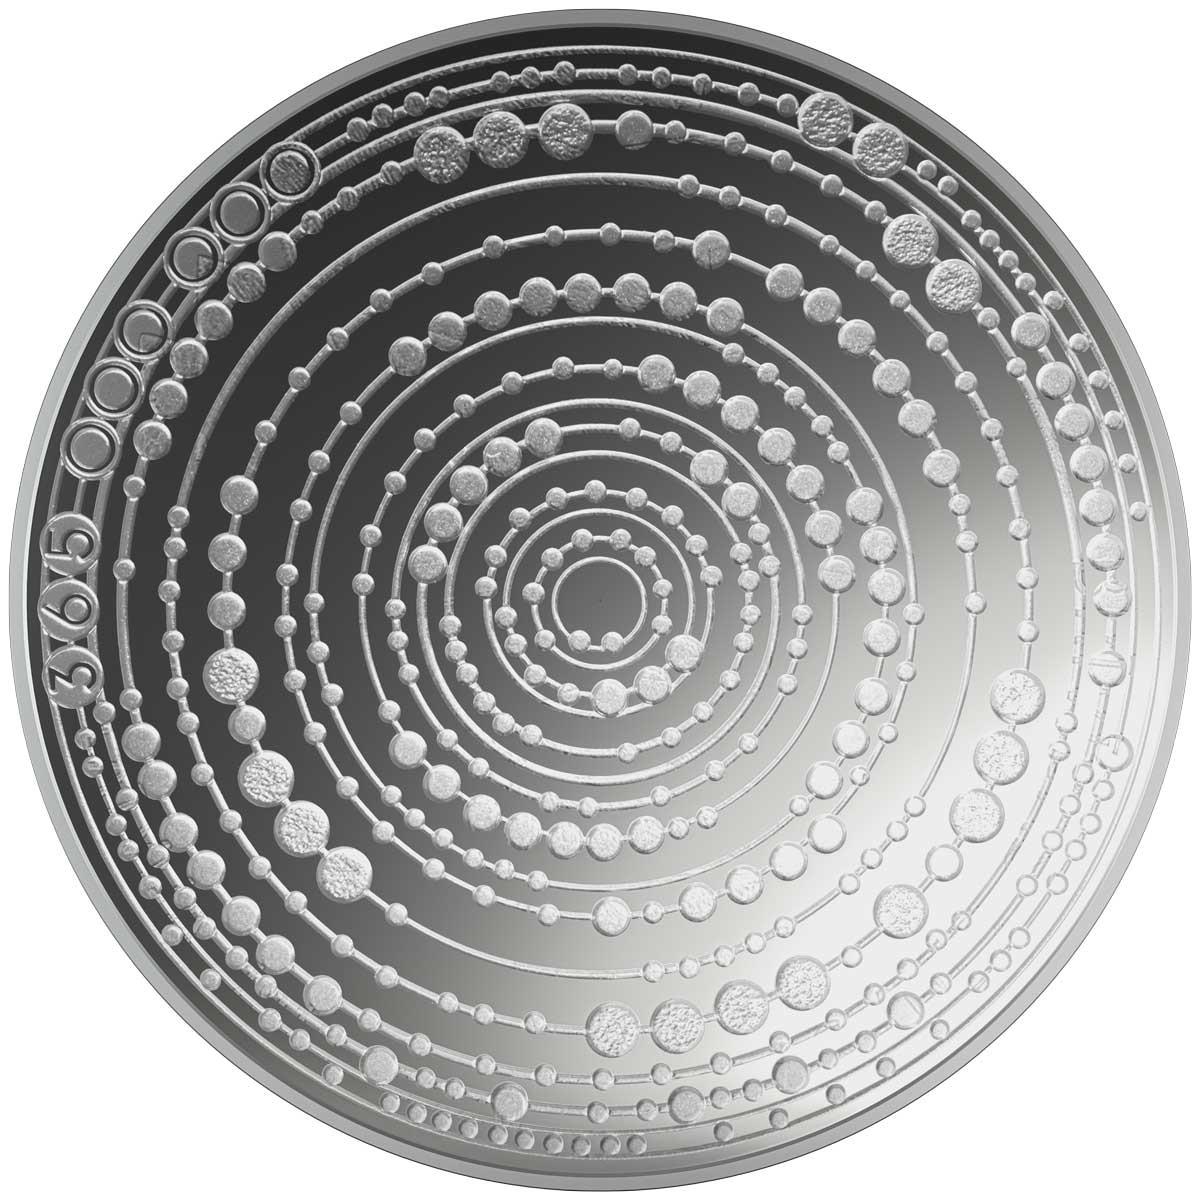 Латвия монета 5 евро Вентастега, реверс